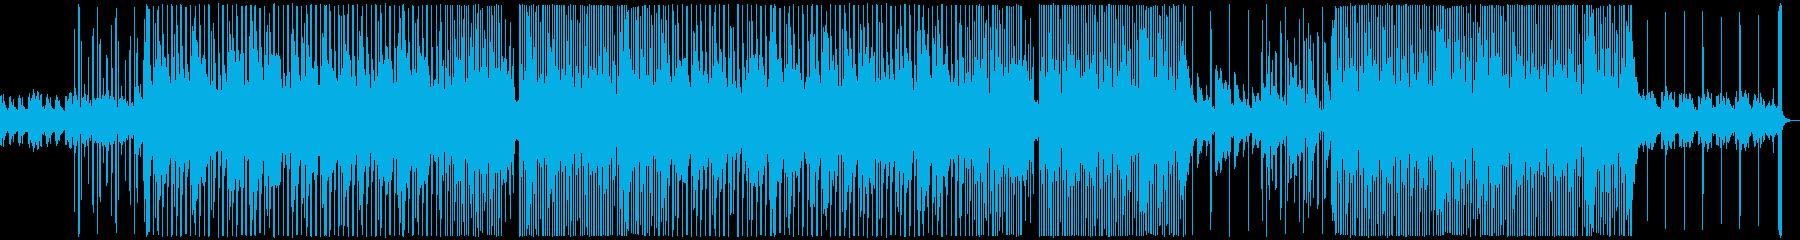 片想いの切ない恋愛系 オシャレR&Bの再生済みの波形